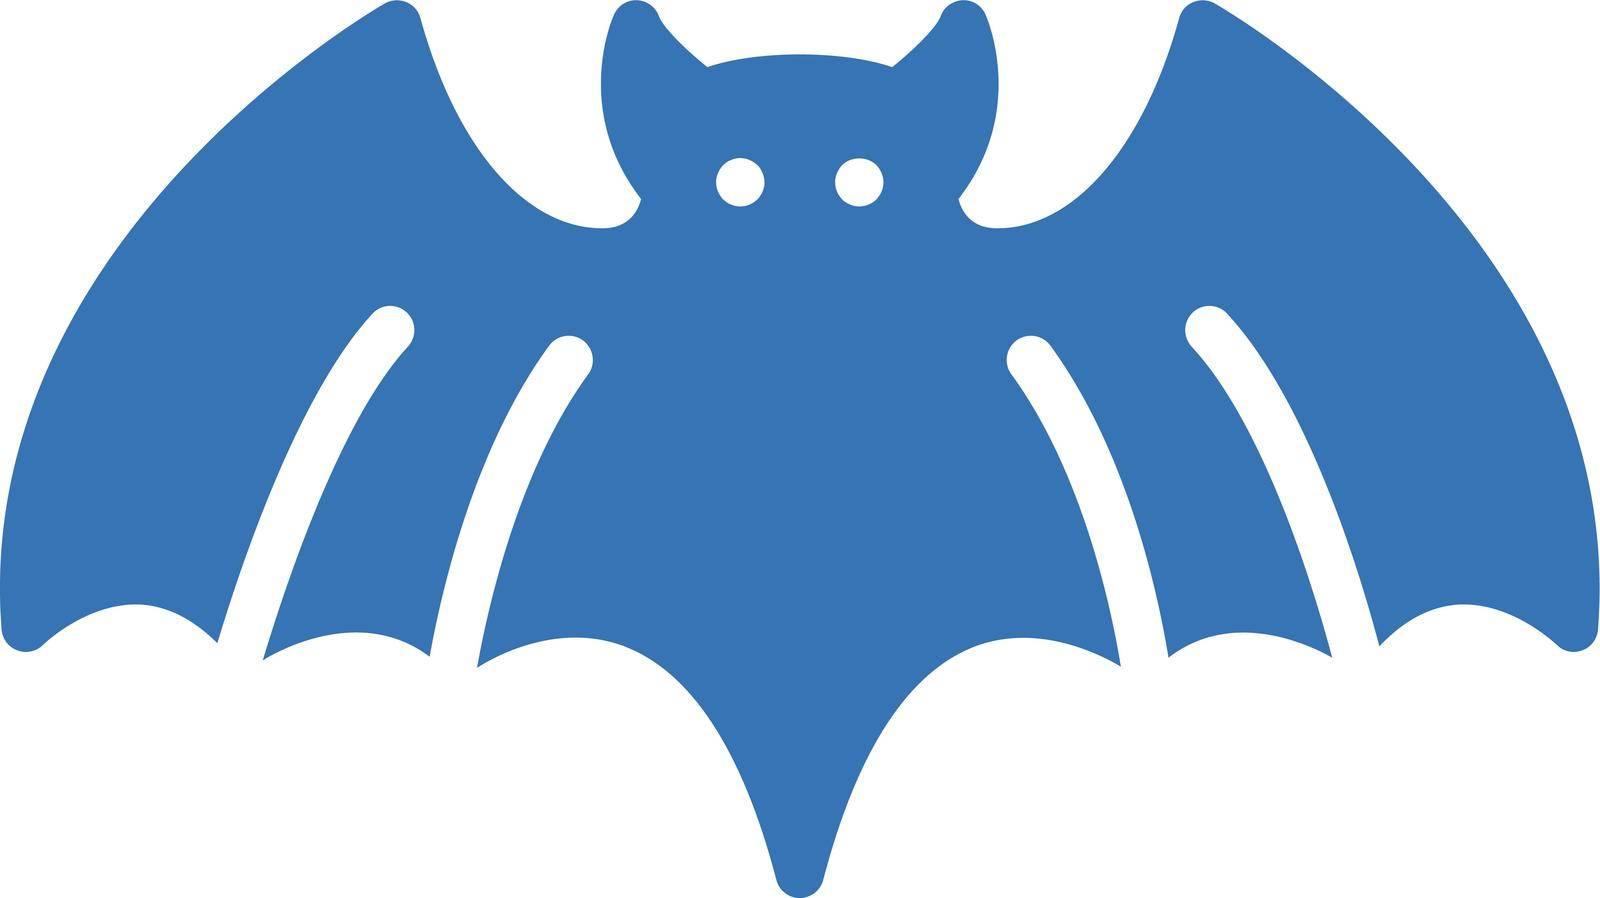 bat, bird, fly, mammal, animal, wing - D35835796